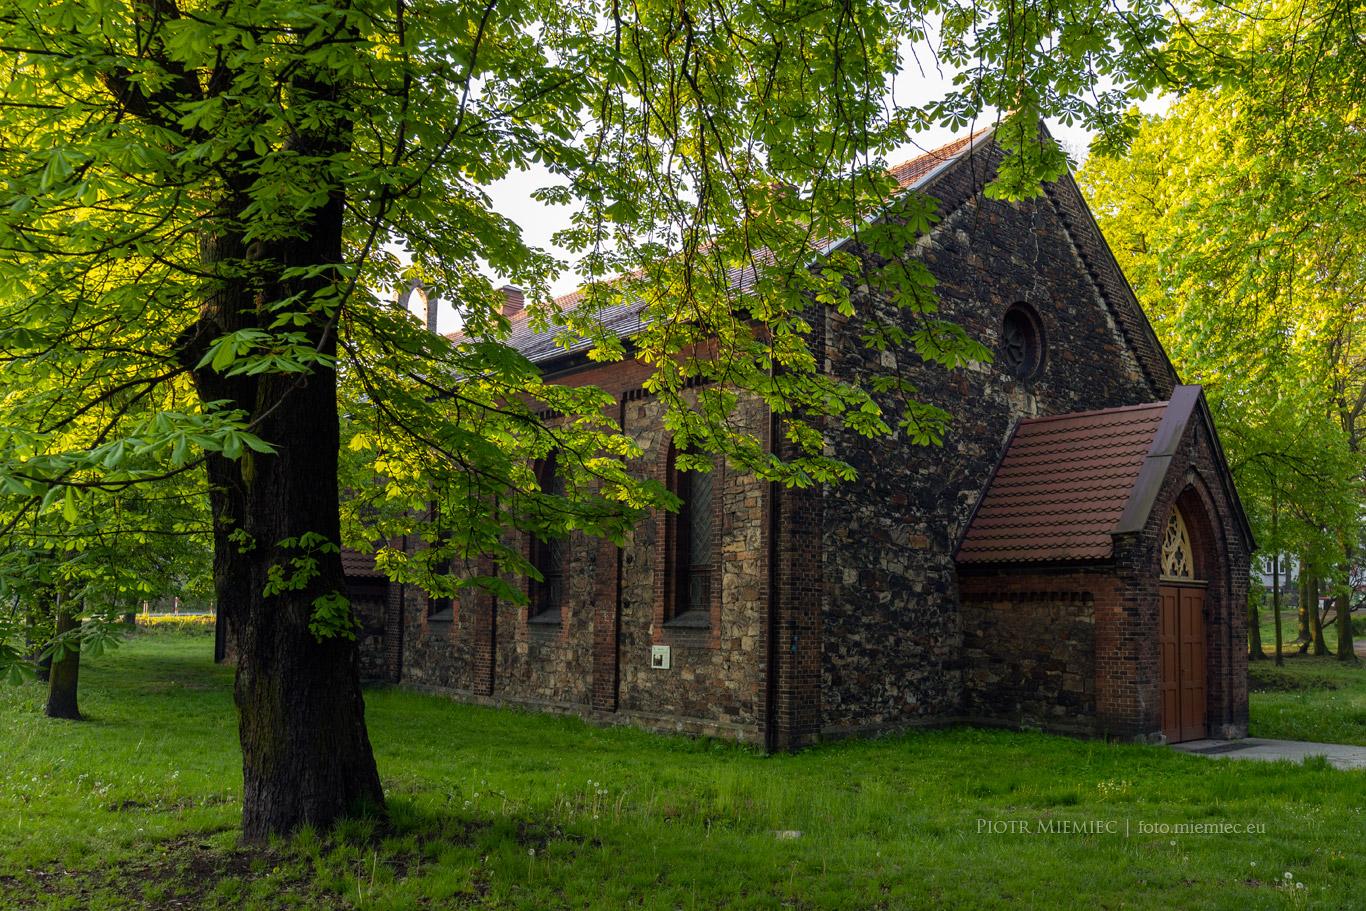 Kaplica Piusa X Ruda Śląska